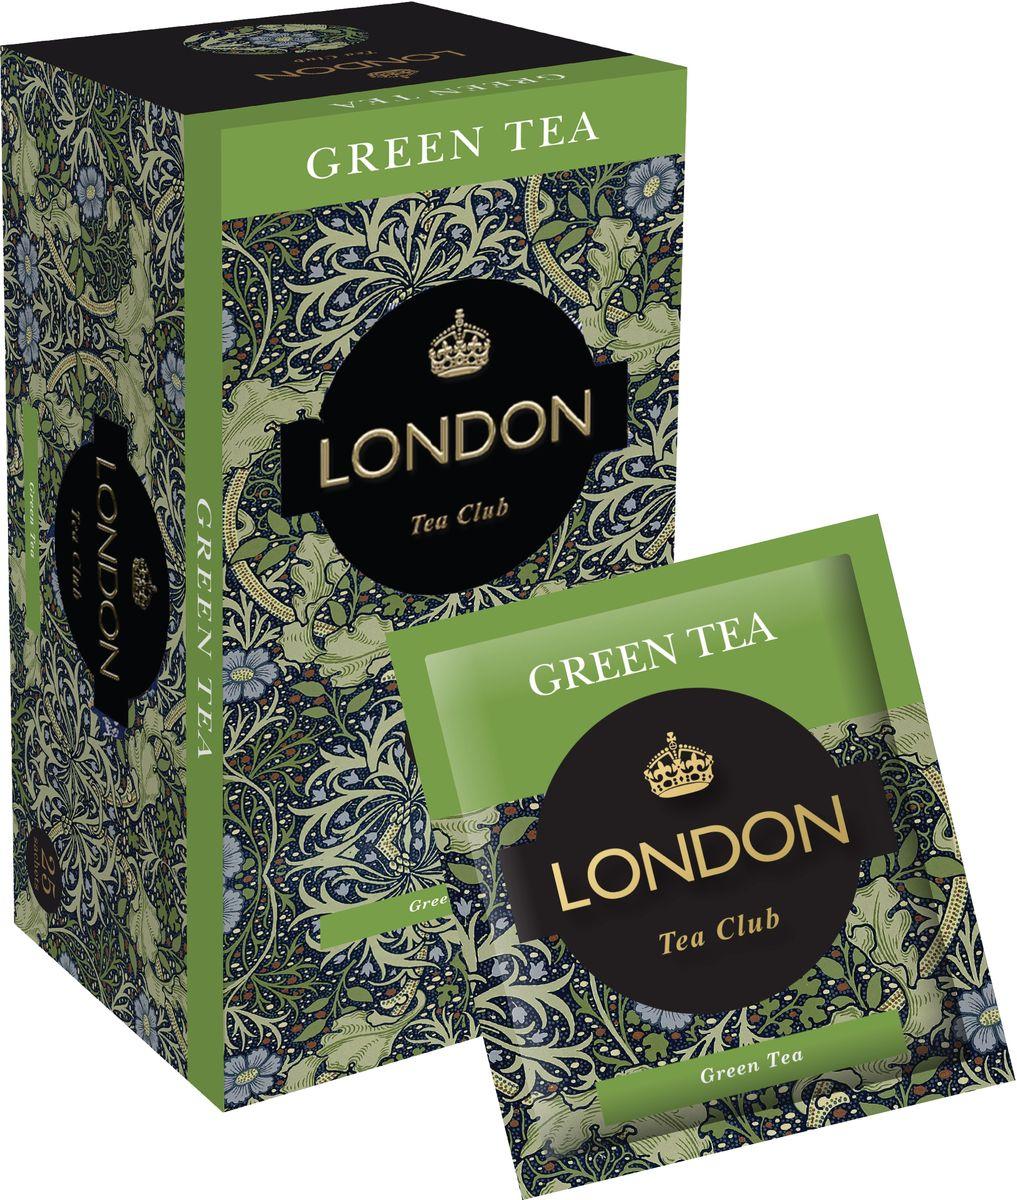 London Tea Club Green Tea черный чай в пакетиках, 25 шт0120710Превосходный китайский зеленый чай, созданный вдохновлять и дарить бодрость. Именно в Китае родилась традиция проведения красивых чайных церемоний, а сам чай часто называют божественным напитком. Китайский зеленый чай London Tea Club прекрасно тонизирует и поможет начать день в хорошем, бодром настроении.